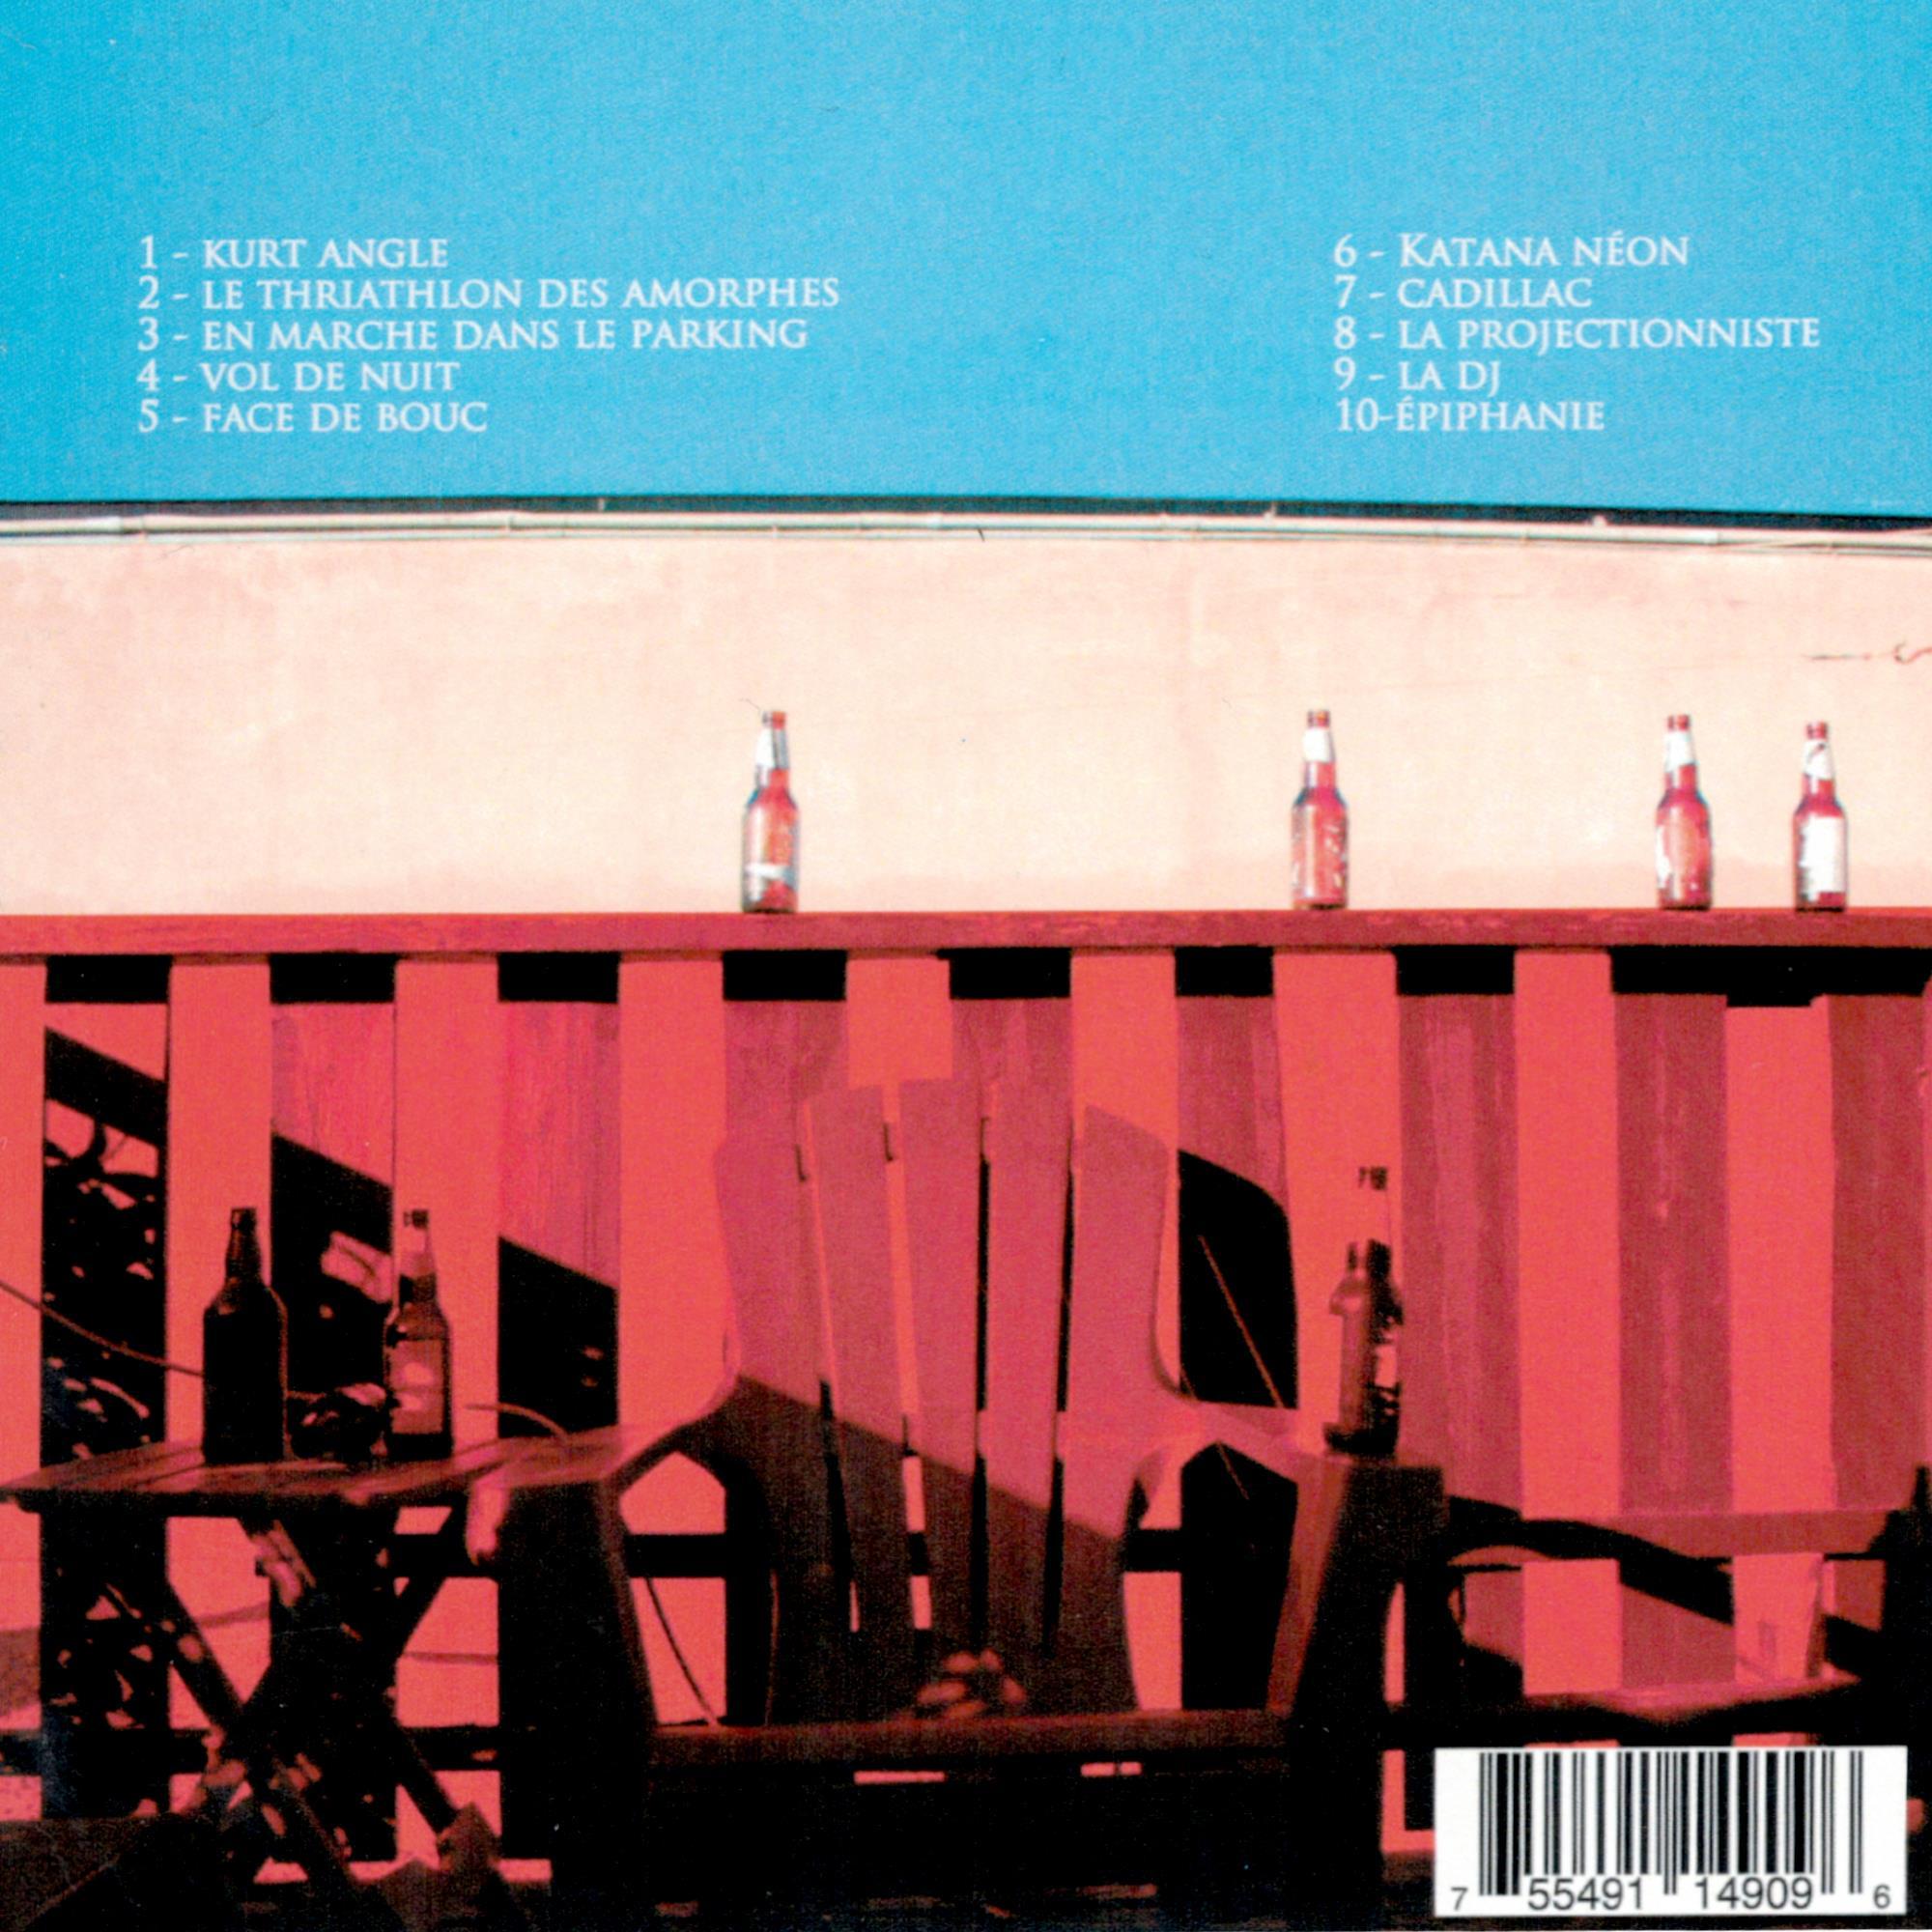 Le Triathlon Des Amorphes CD